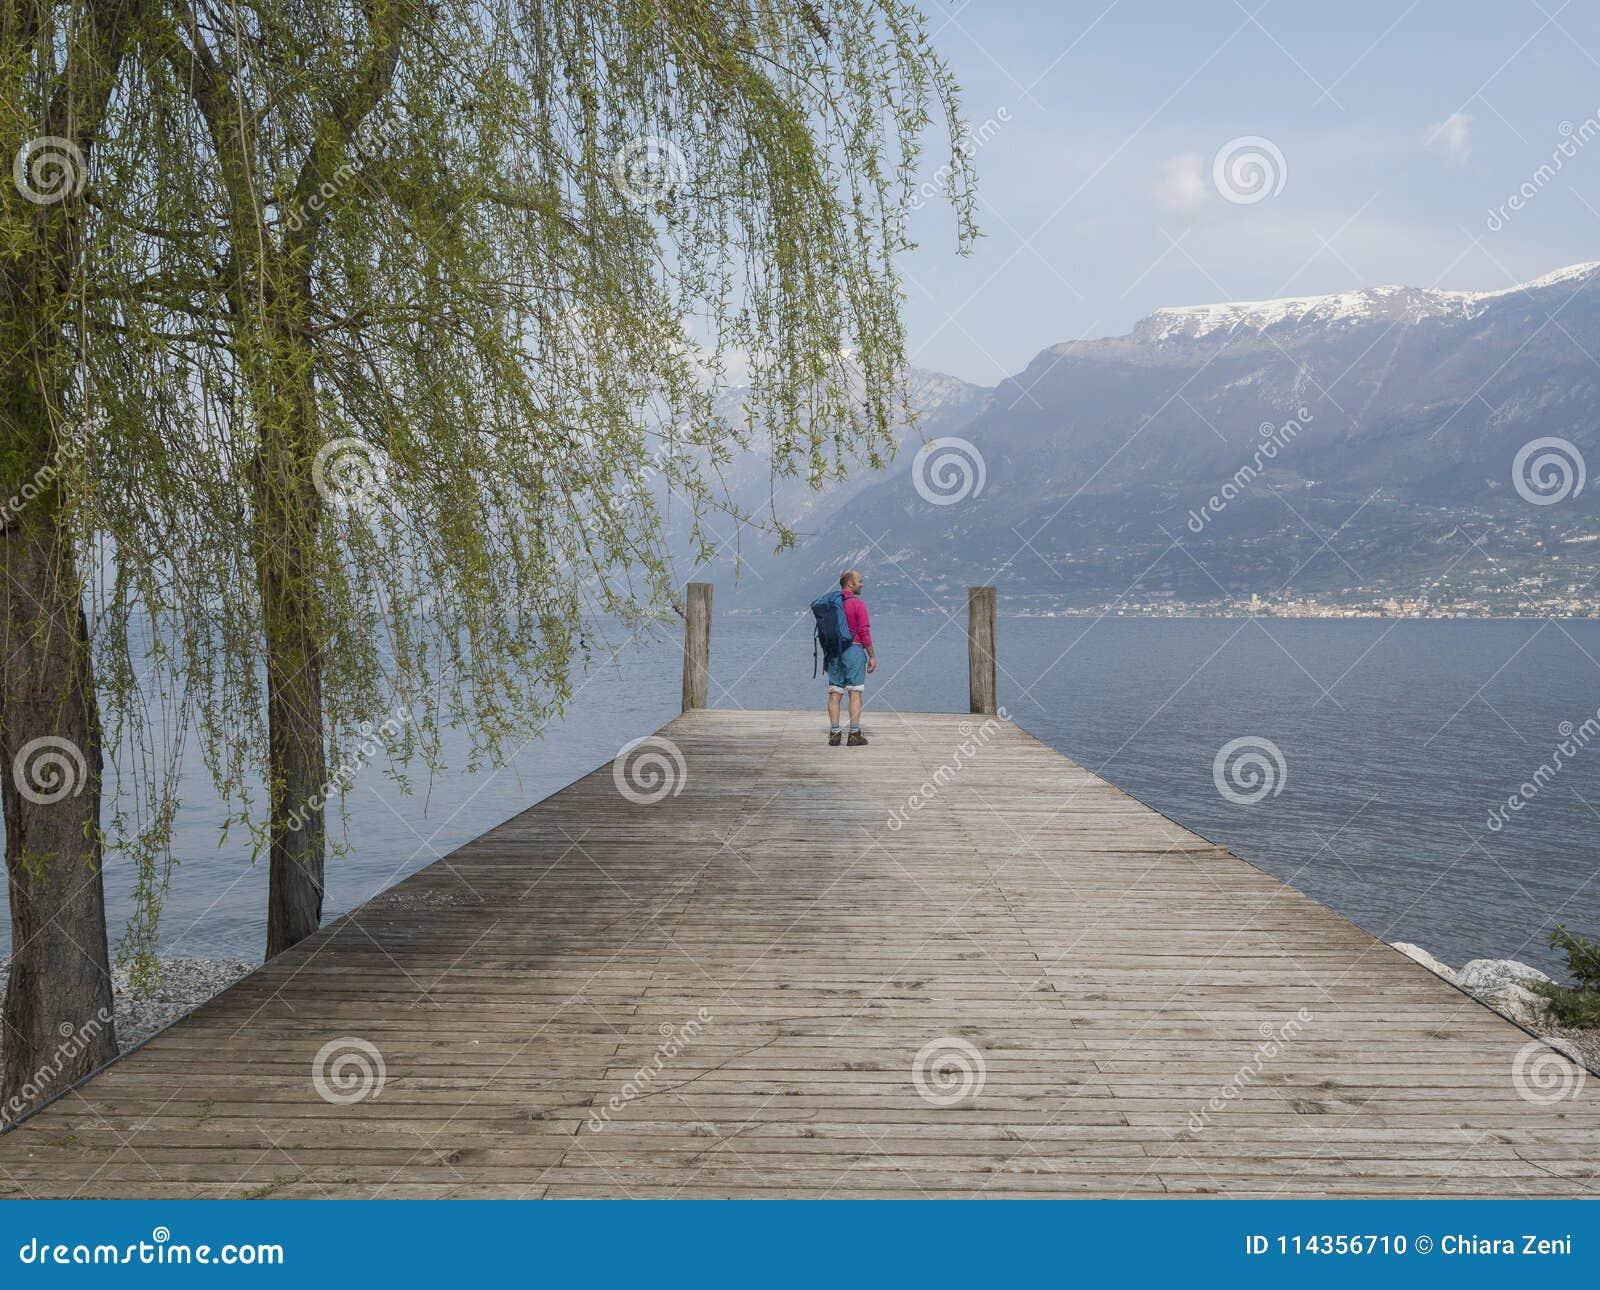 Trekking on garda lake